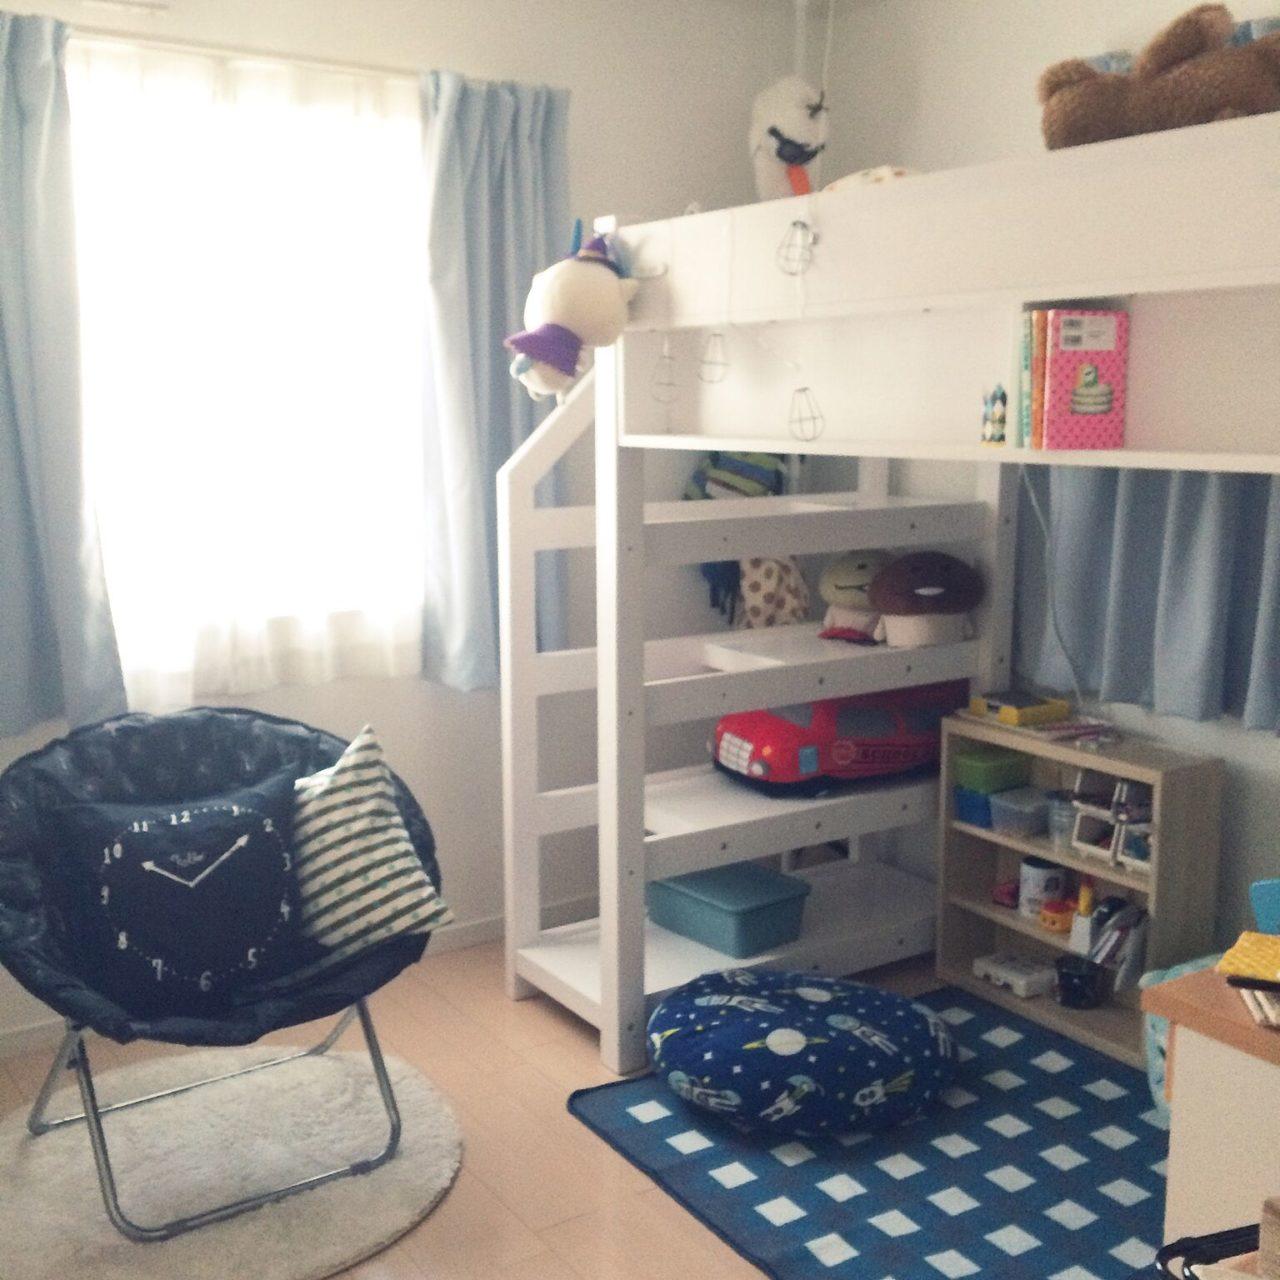 女性で、3LDKのsalut!/子供部屋/男の子の部屋/ニトリ/ロフトベッド/ベッド周り…などについてのインテリア実例を紹介。